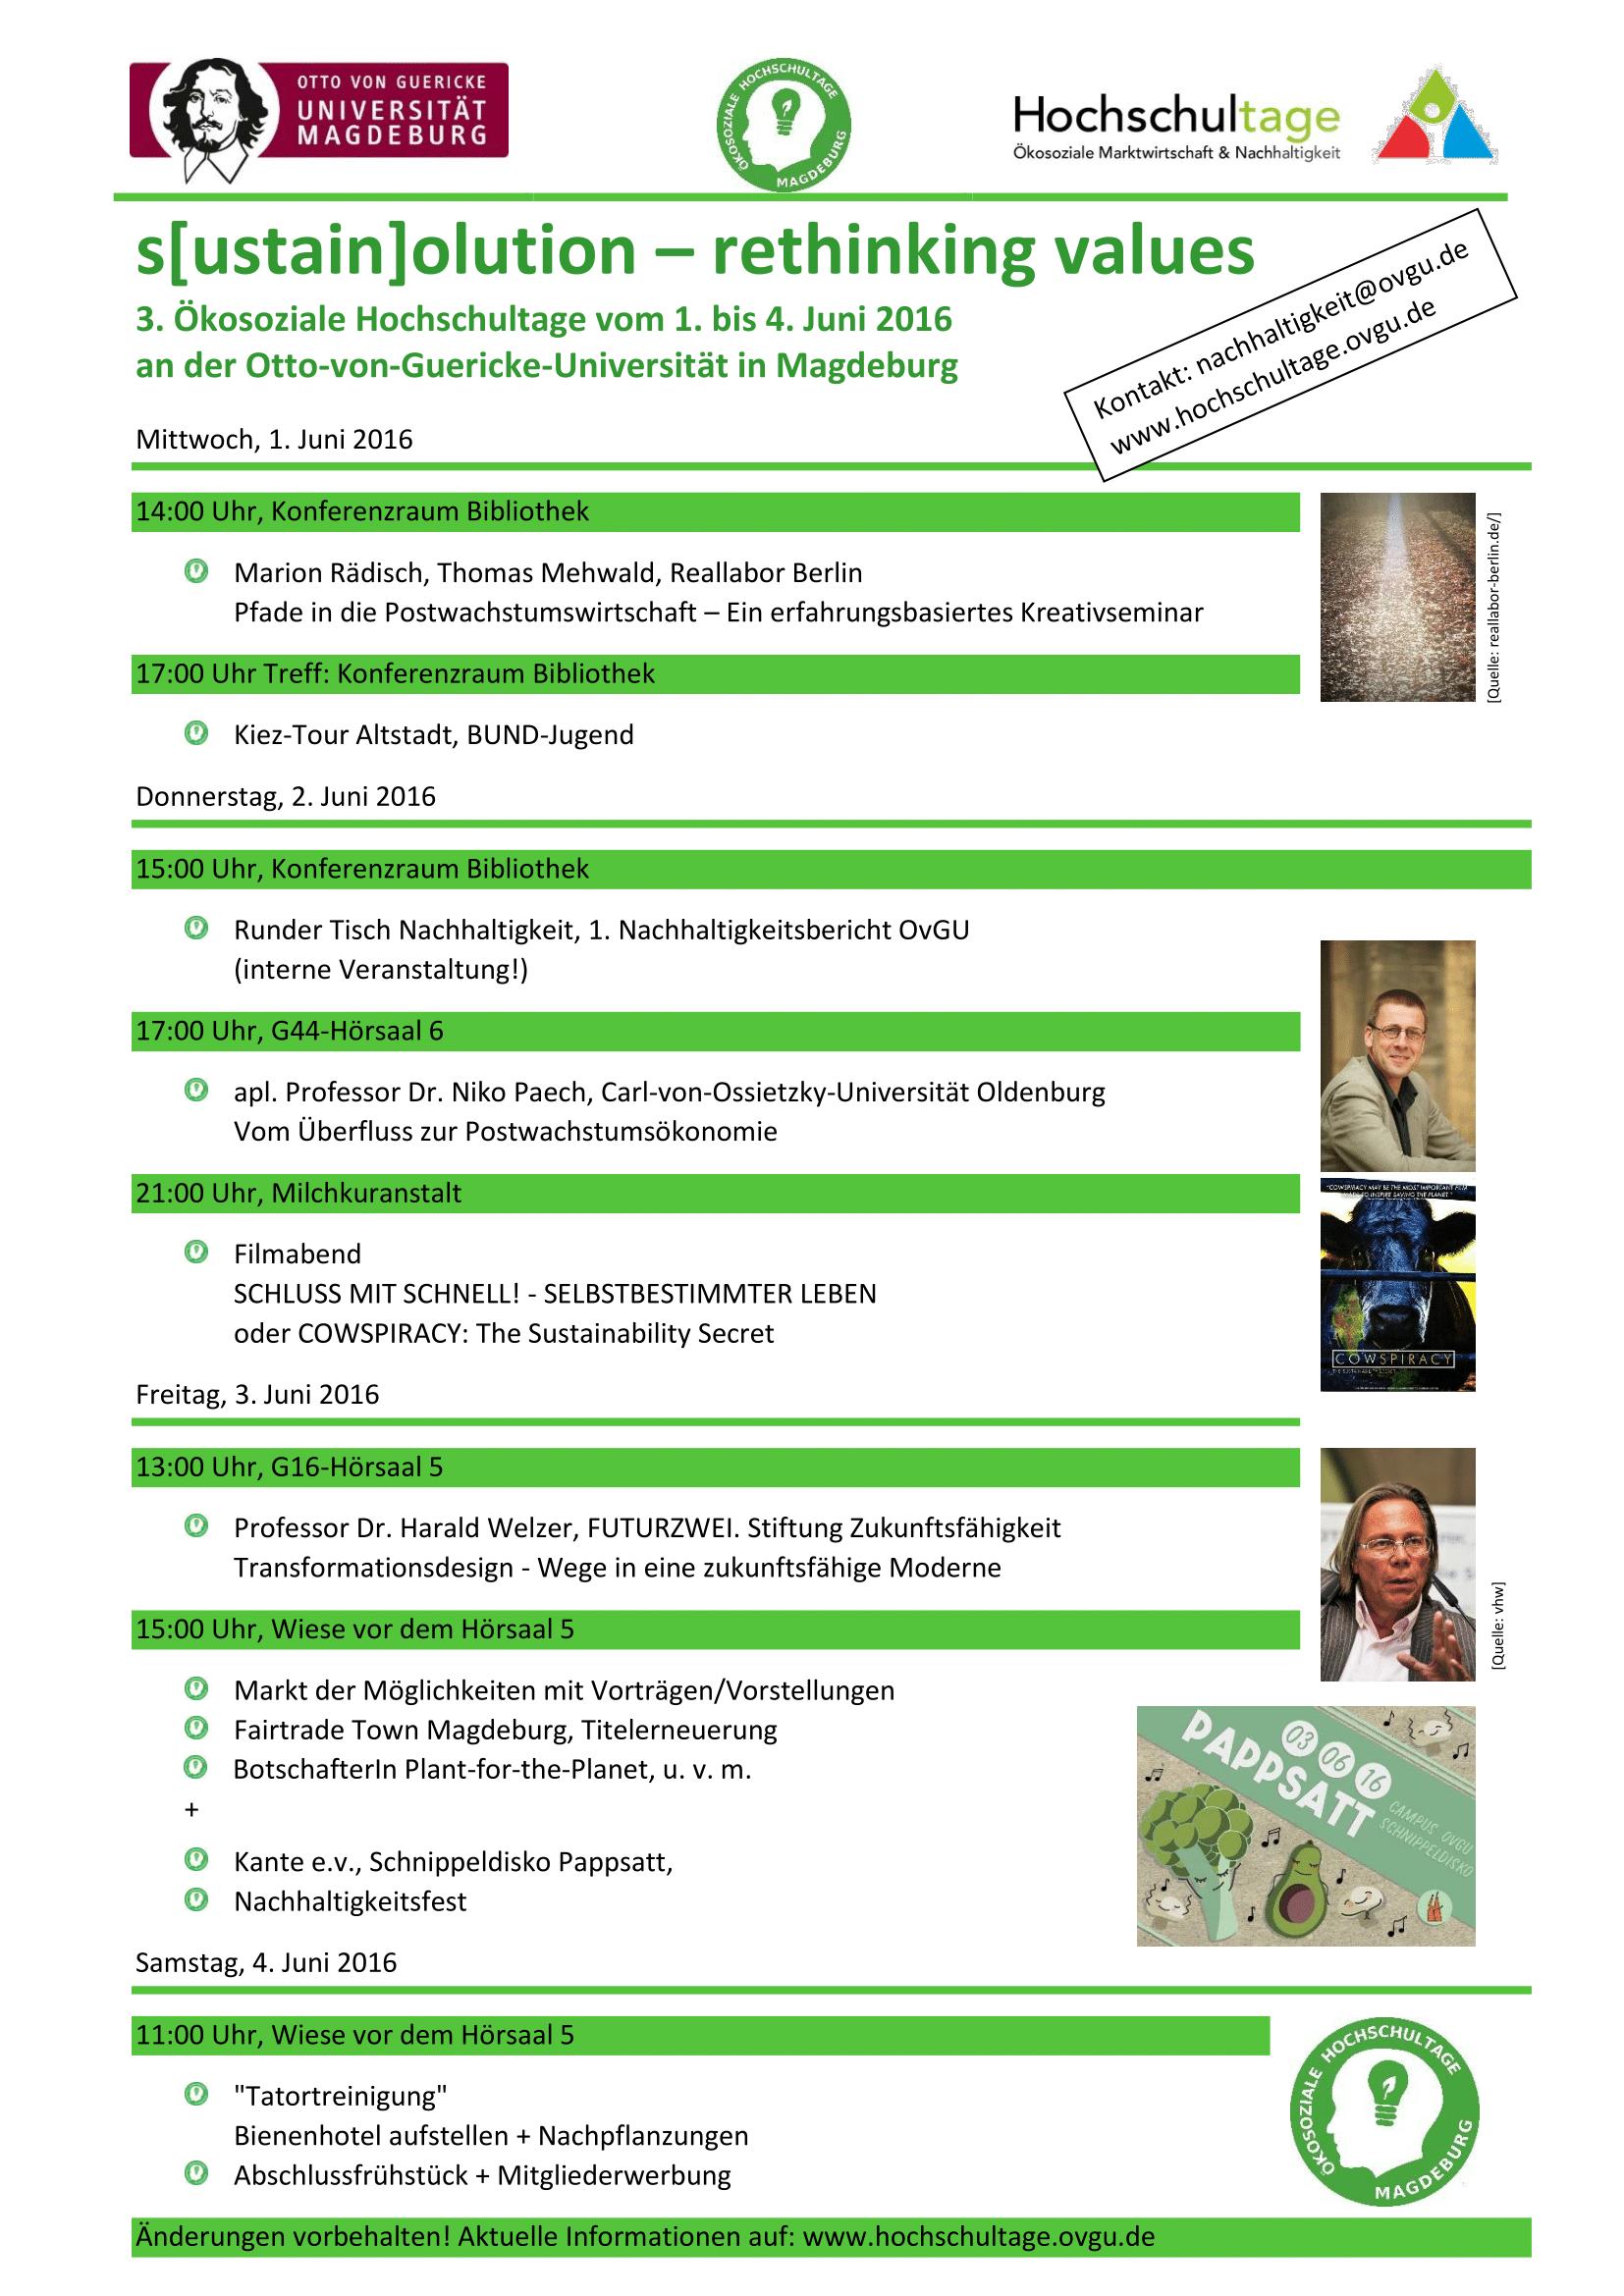 sustainolution 3. Âkosoziale Hochschultage OvGU 1